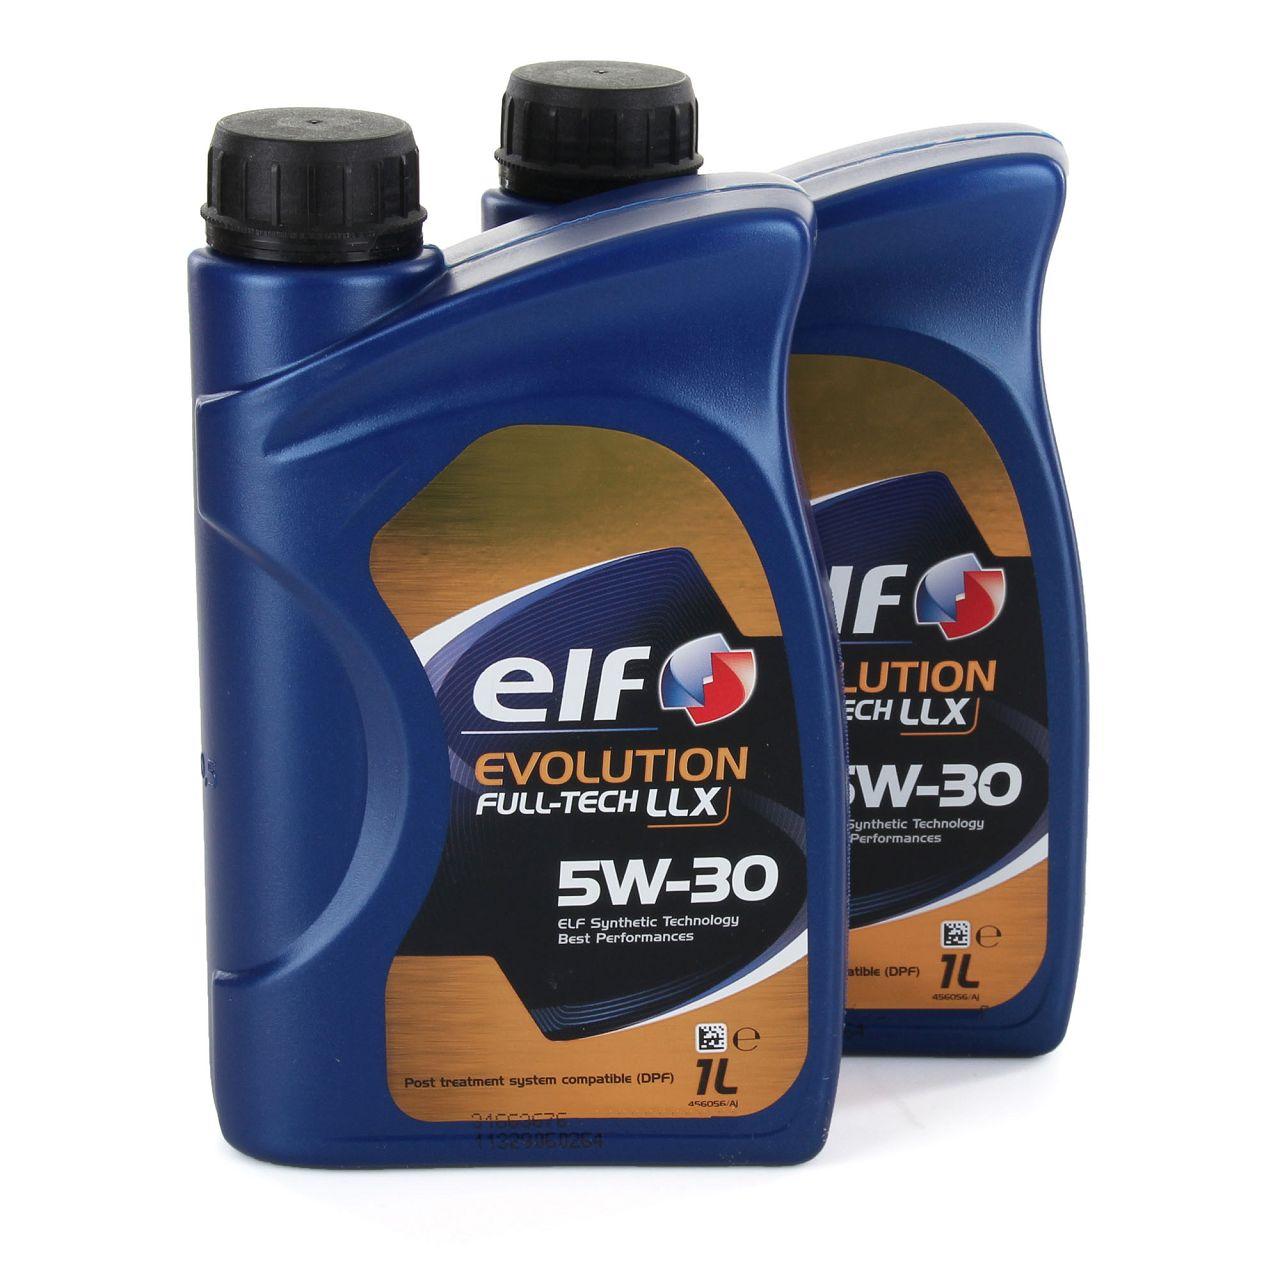 2x 1L 1 Liter elf Evolution Full-Tech LLX 5W-30 Motoröl 504.00/507.00 MB 226.51